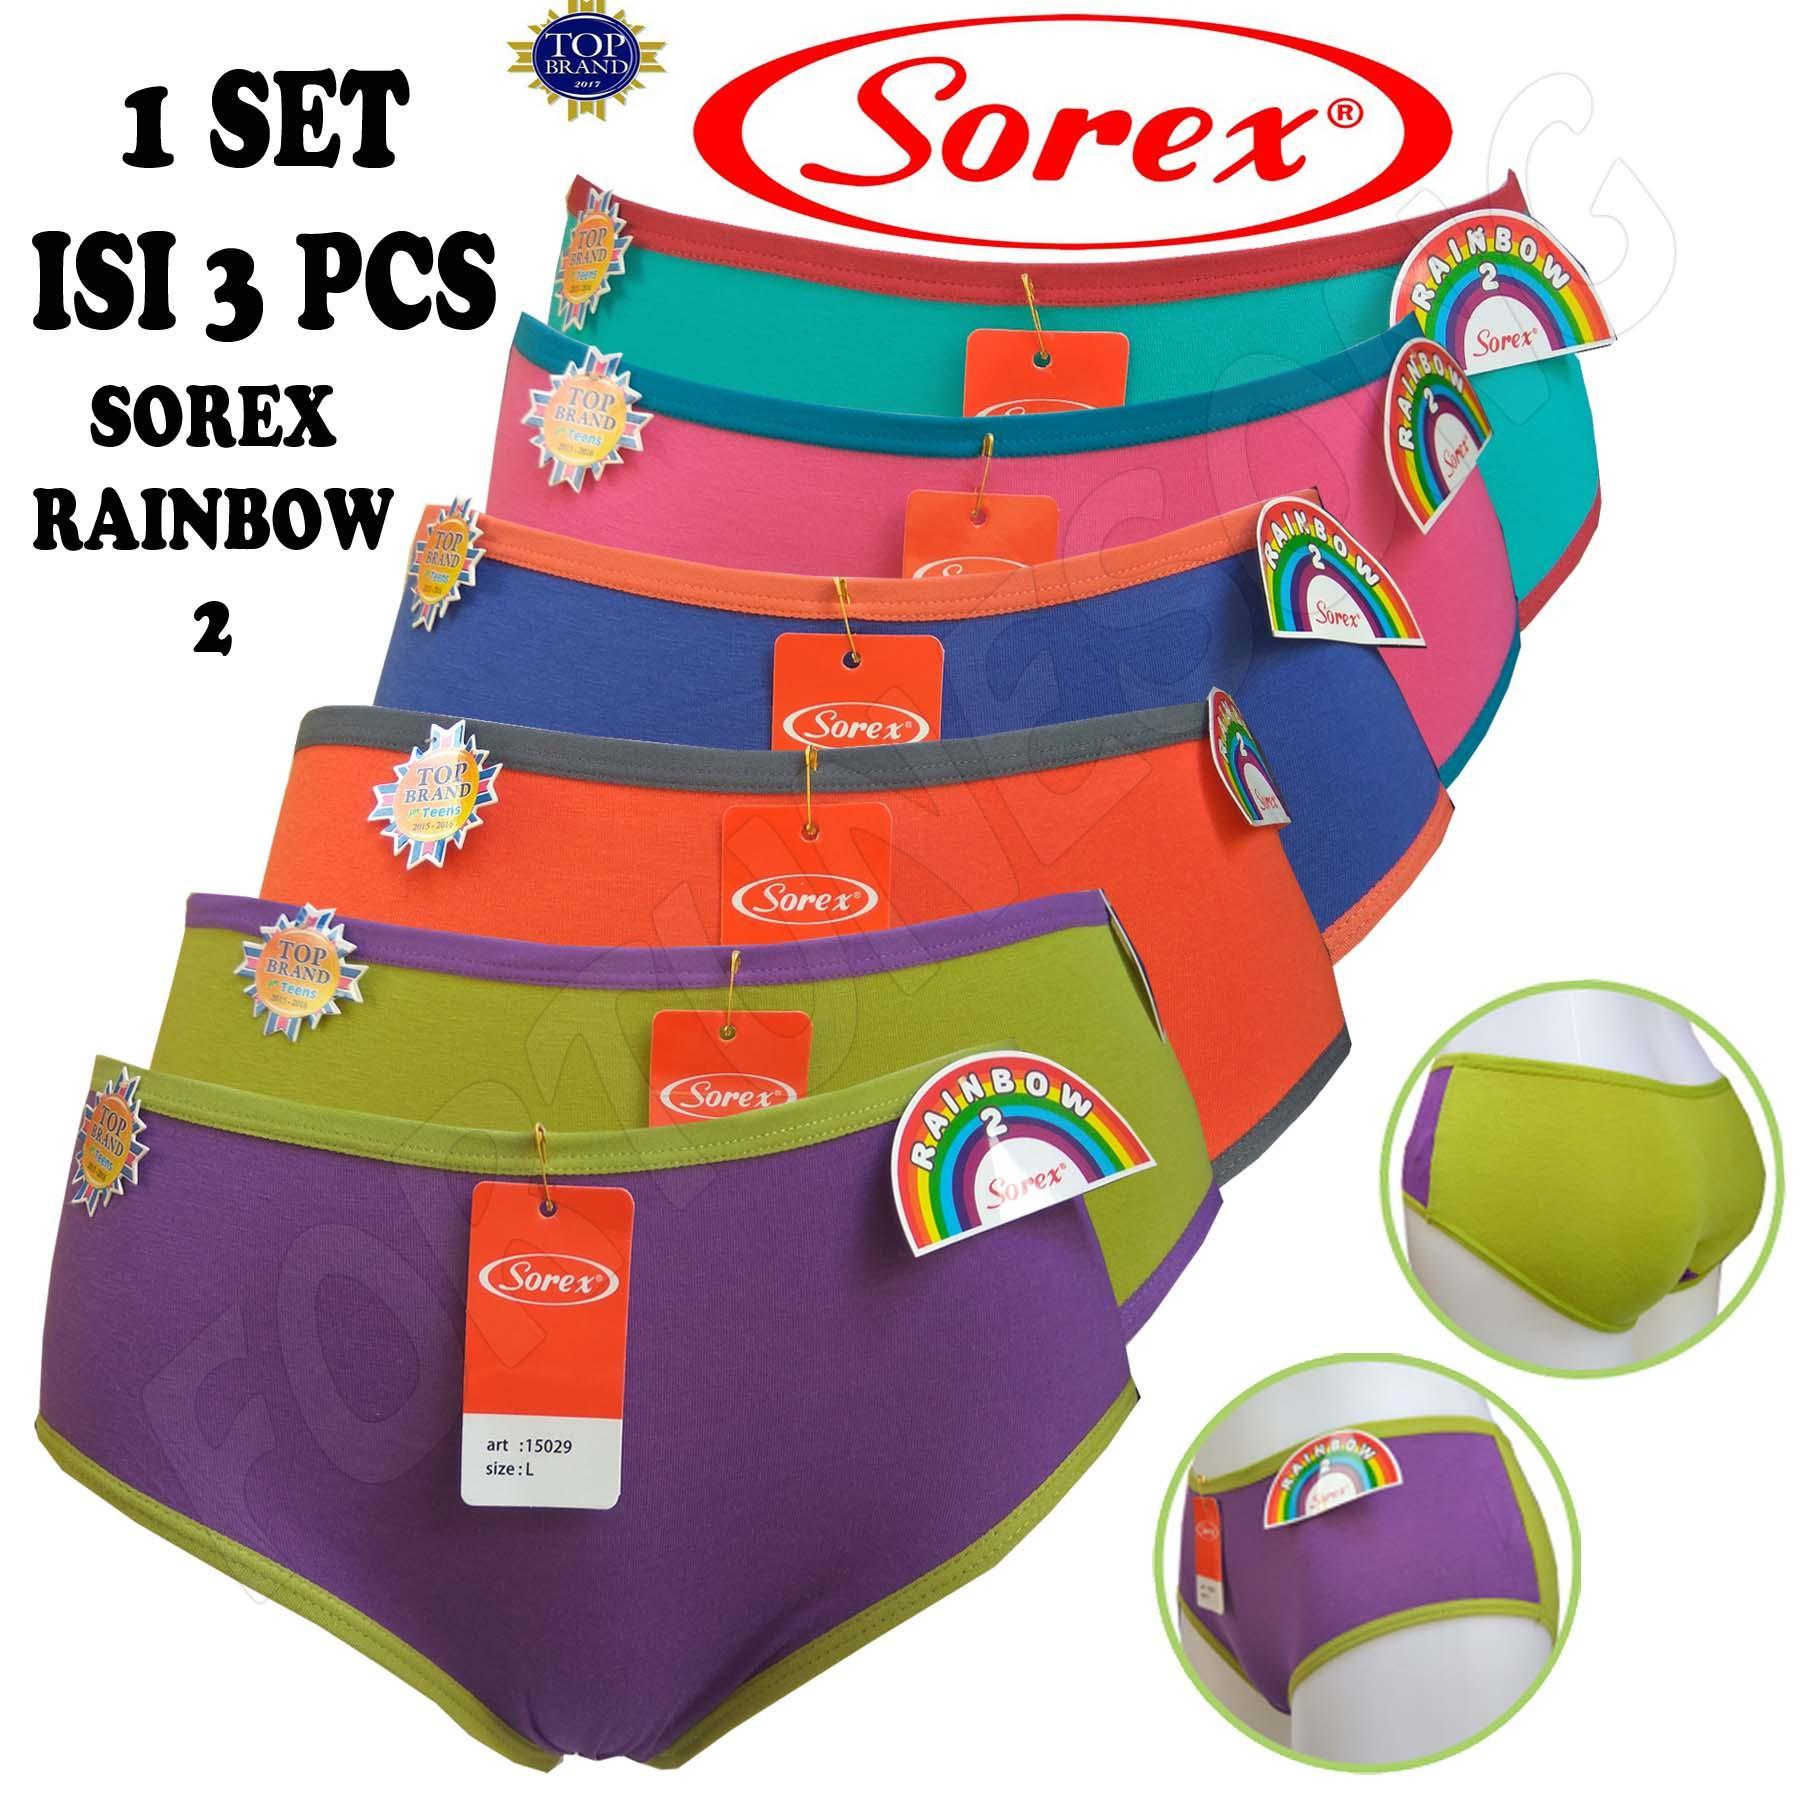 SOREX - 3 Pcs Celana Dalam Wanita Sorex RAINBOW 2 15029 9c13c31010